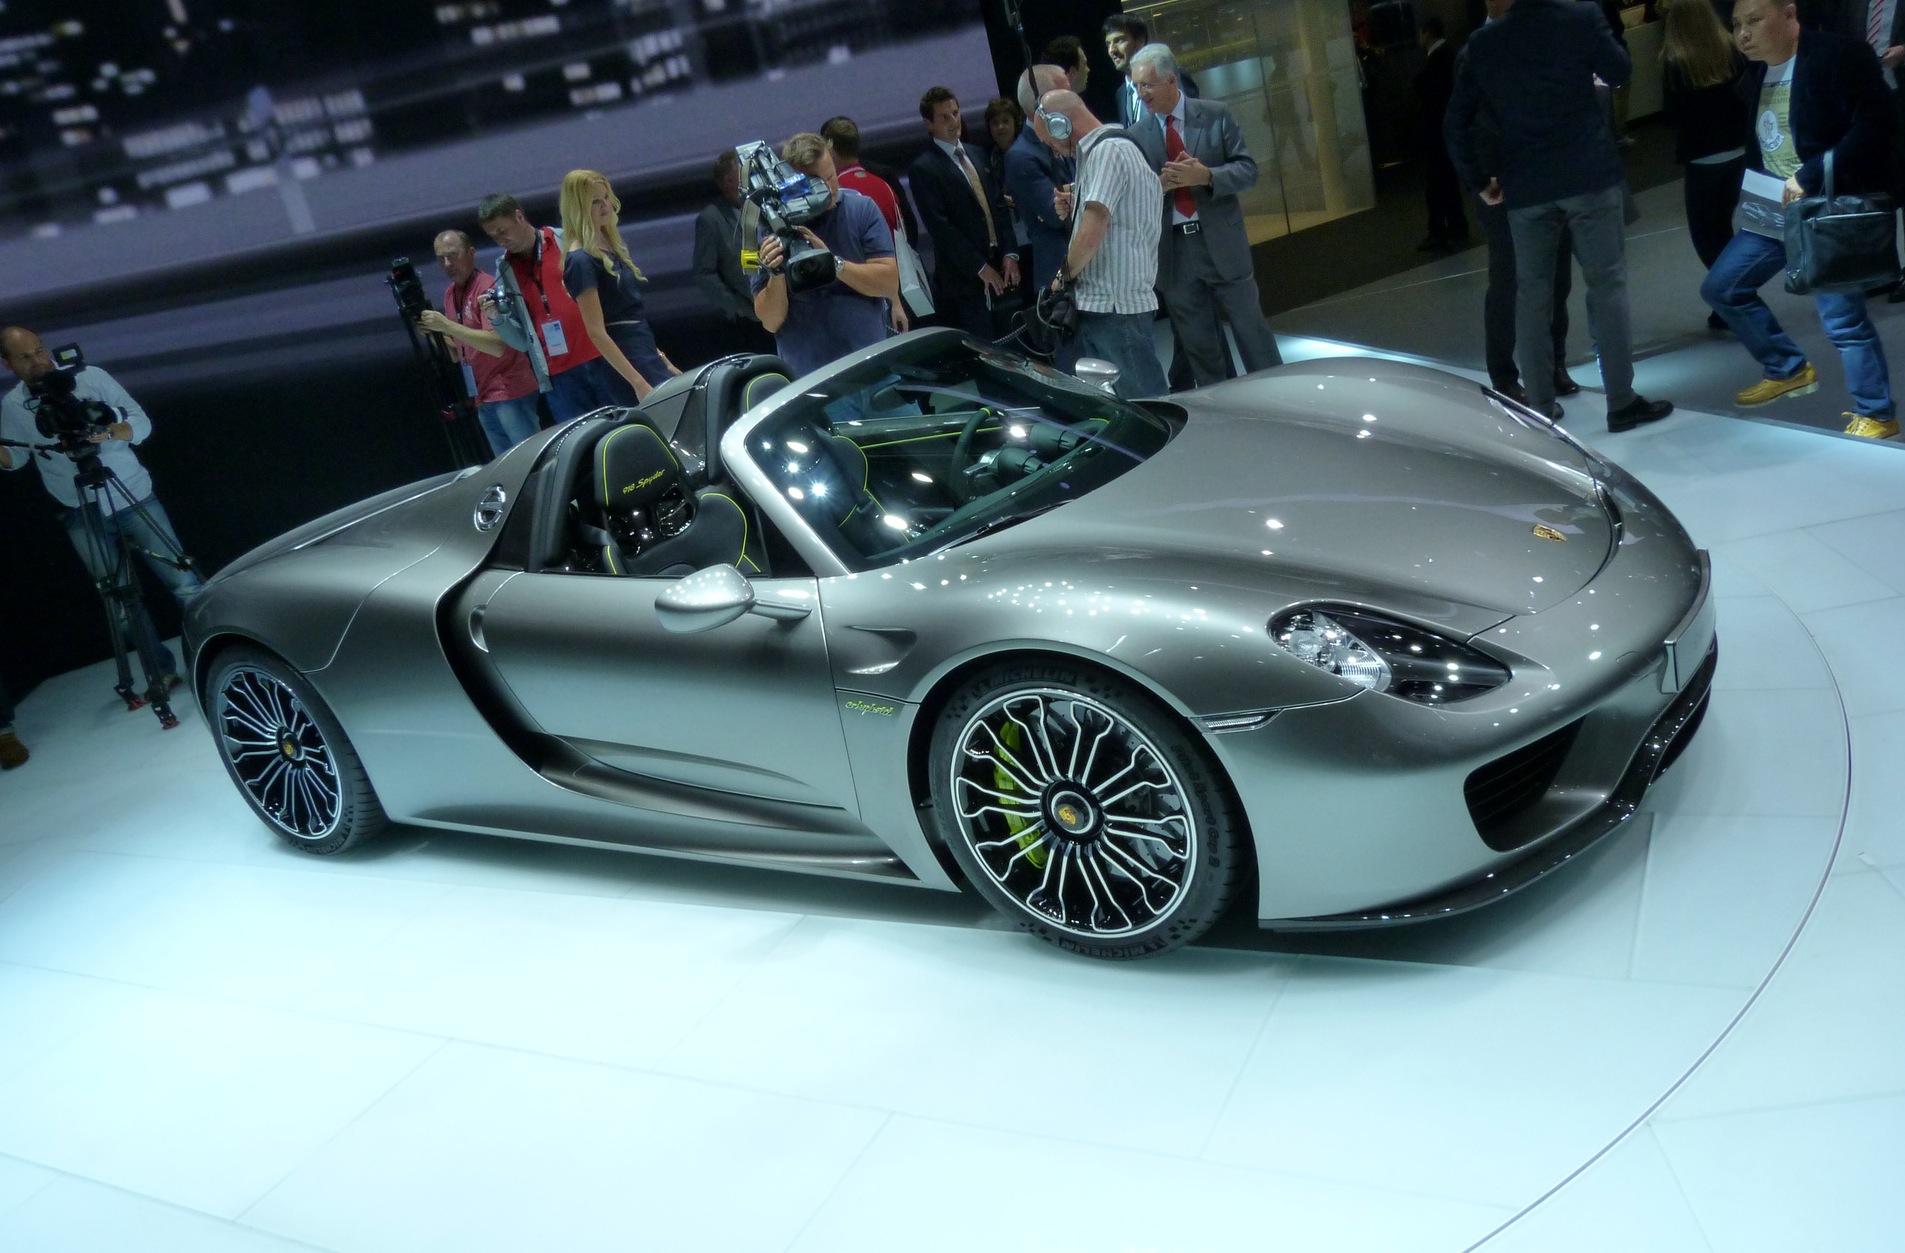 Porsche-918-Spyder-Hybrid-Sportwagen-IAA-2013-LIVE-01-09